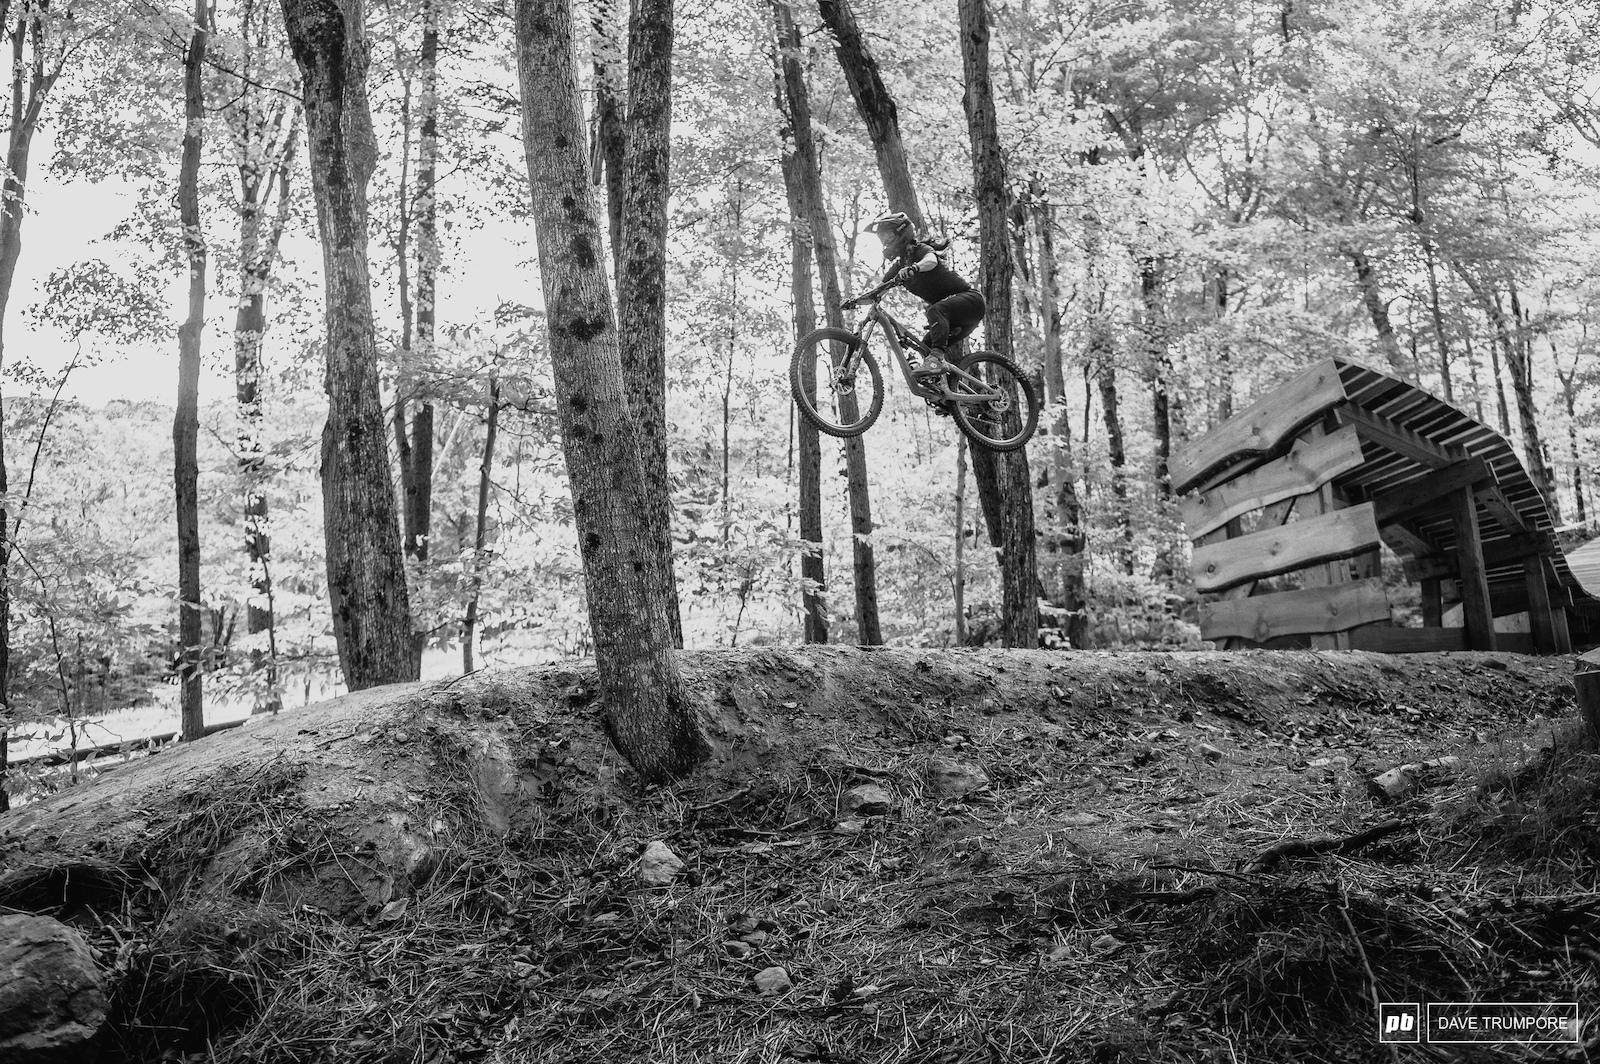 Kori Gargano - Vermont